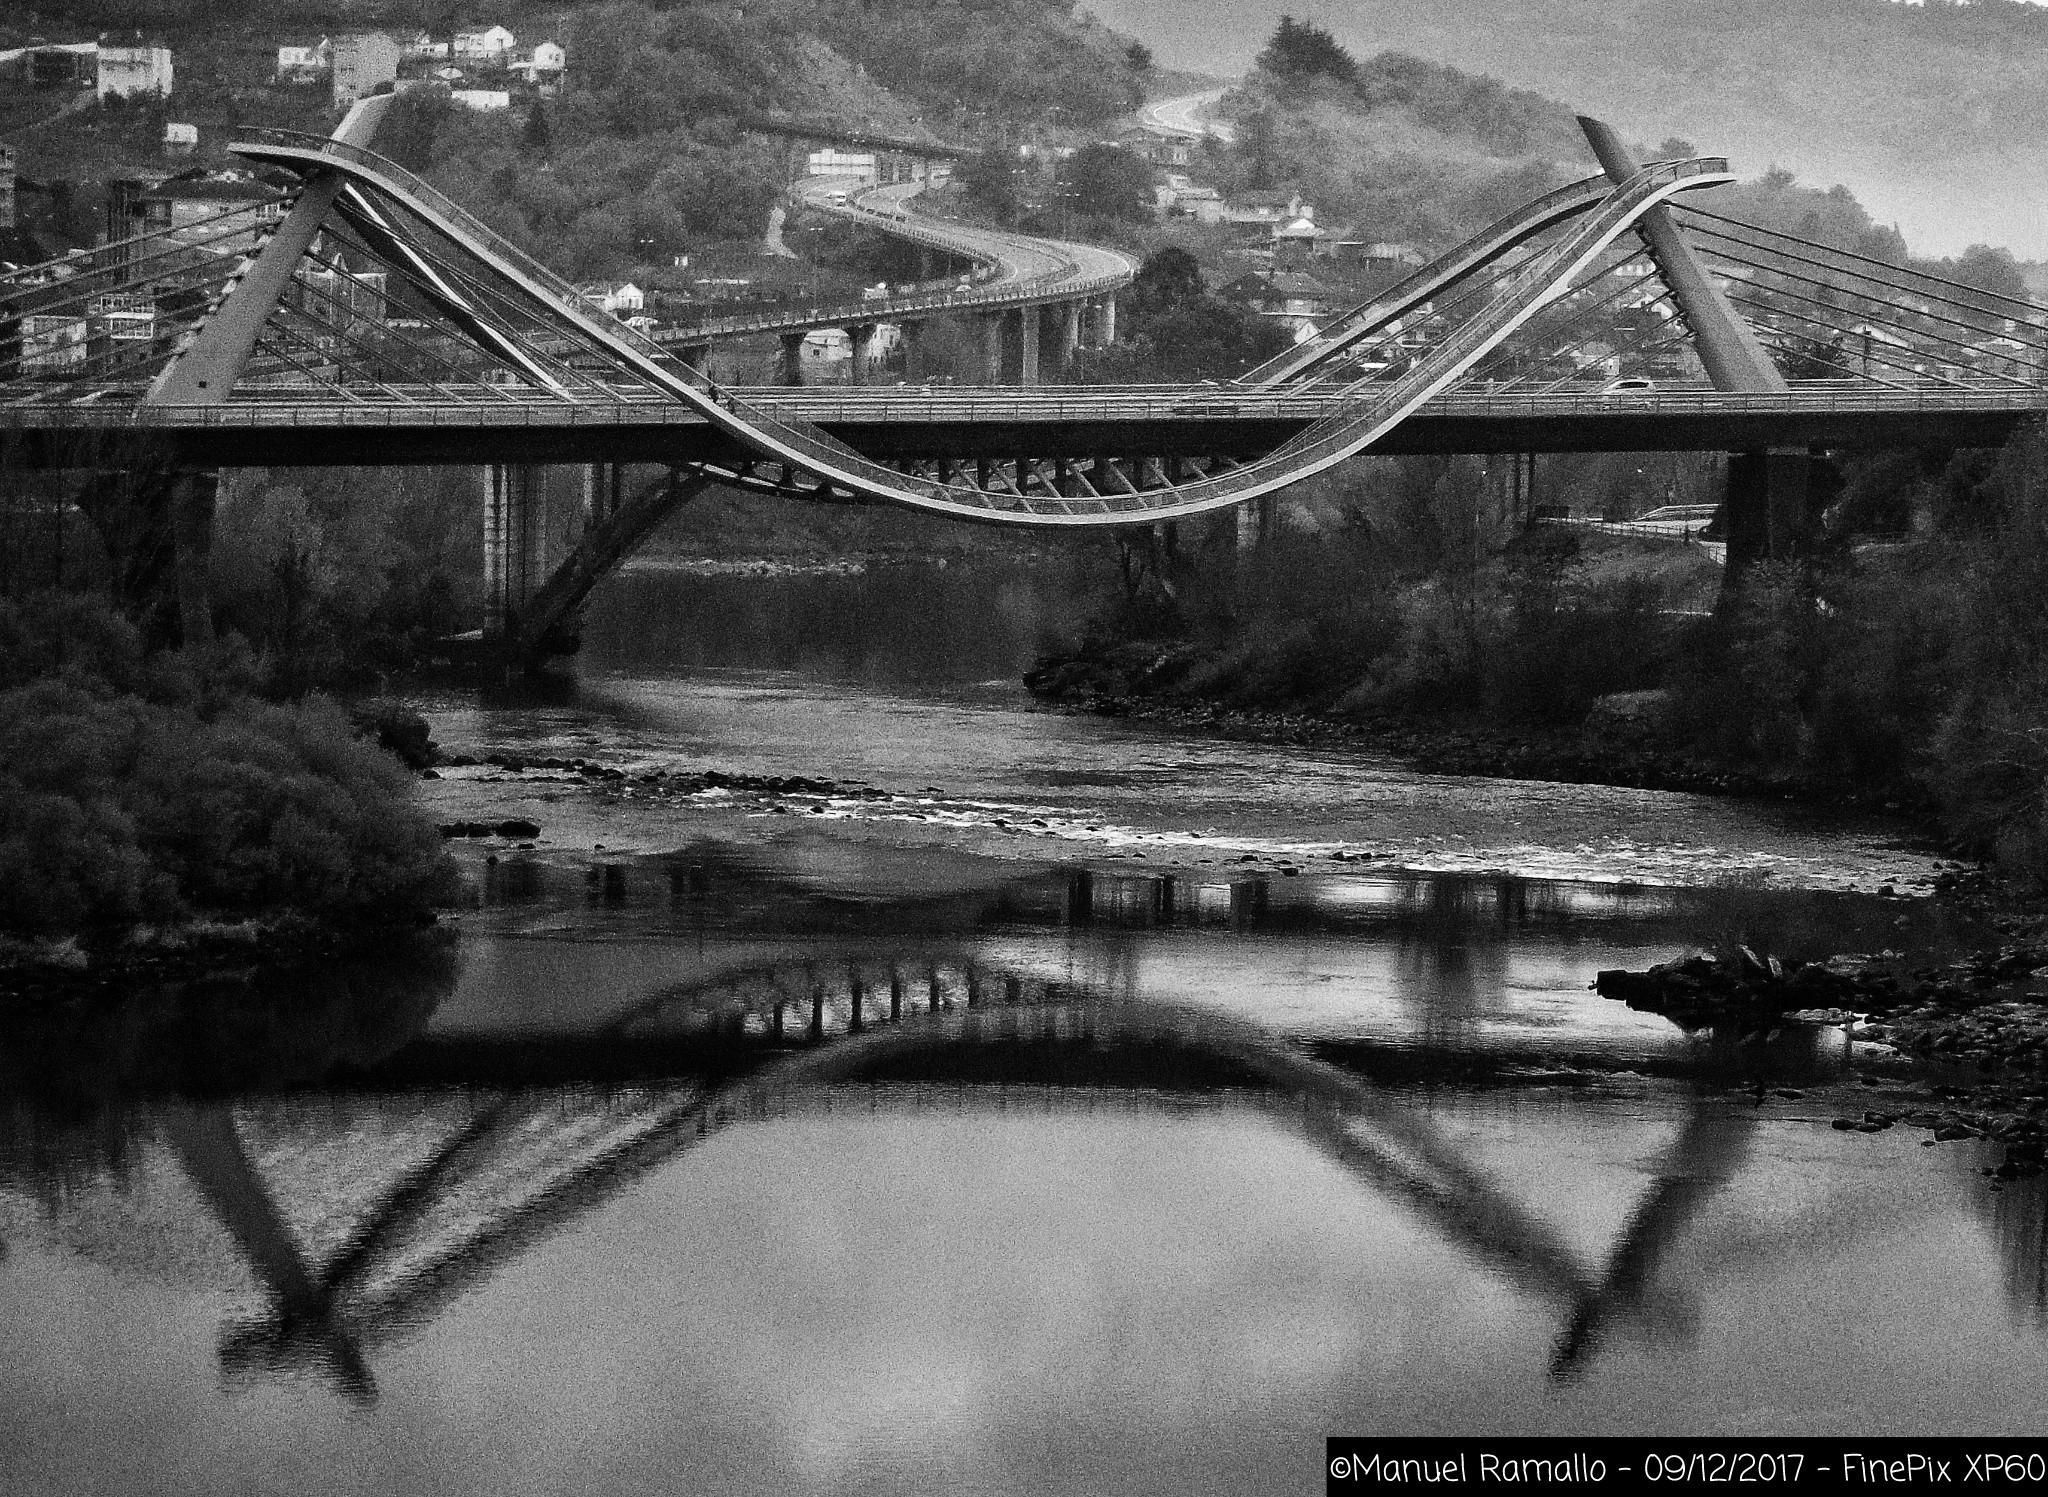 puente-del-milenio-rio-mino-ourense